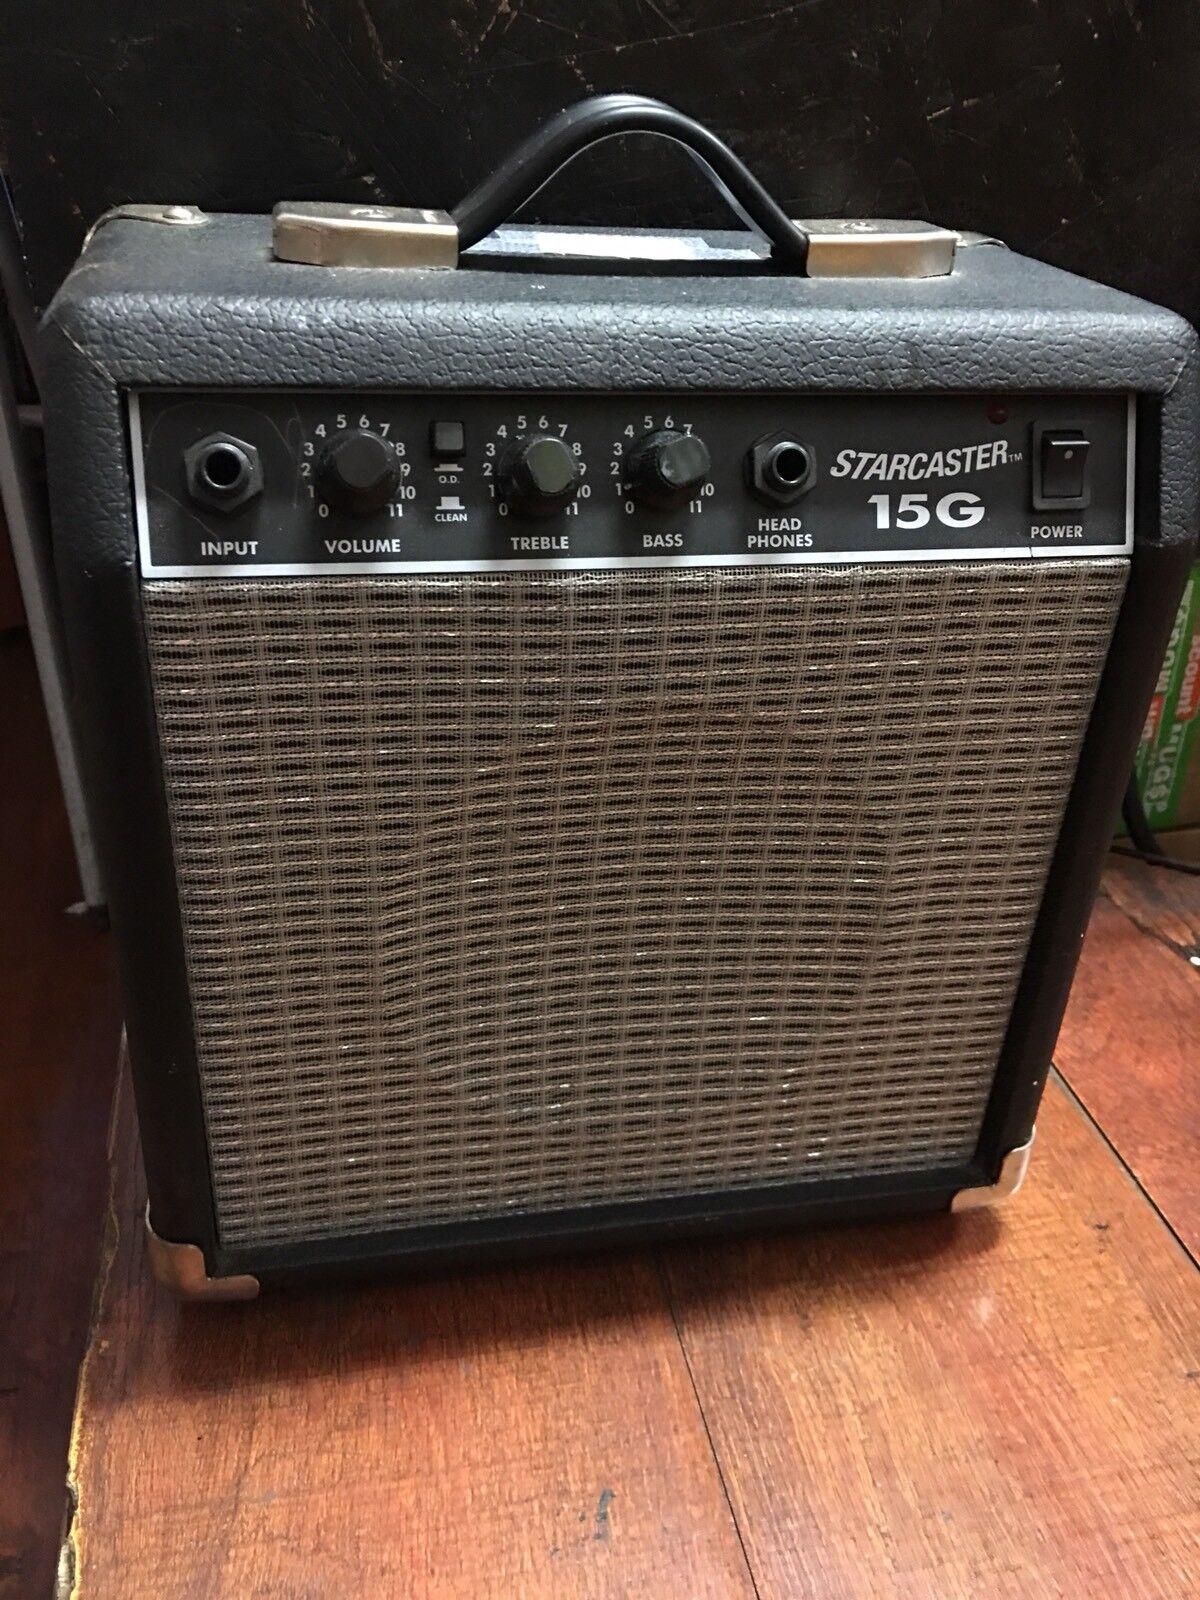 Starcaster Fender 15G Guitar Amp Input 120V-60Hz 28W Type PR357